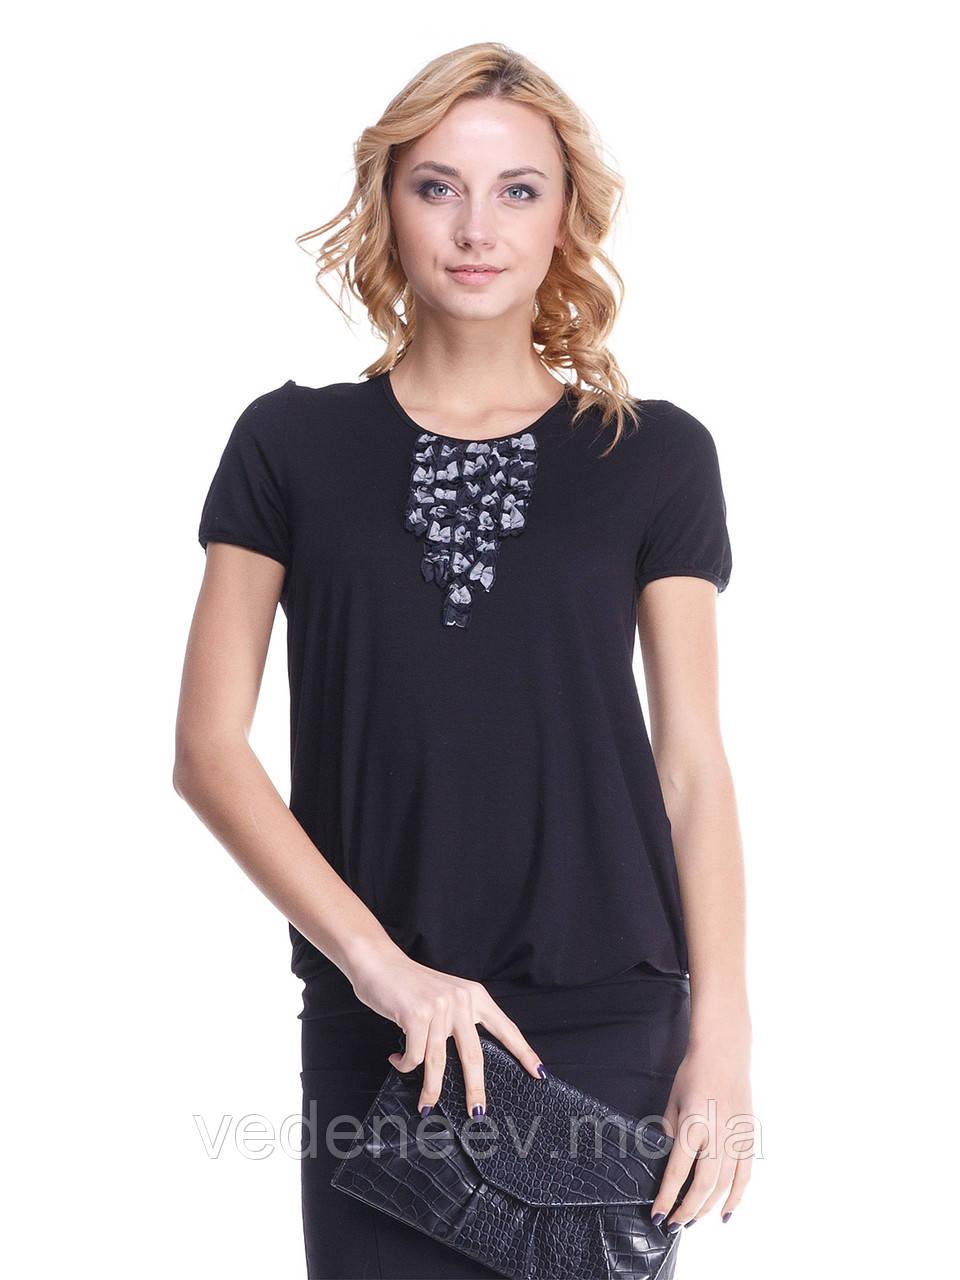 Блуза Жаклин черная с жабо в бело-черные квадраты